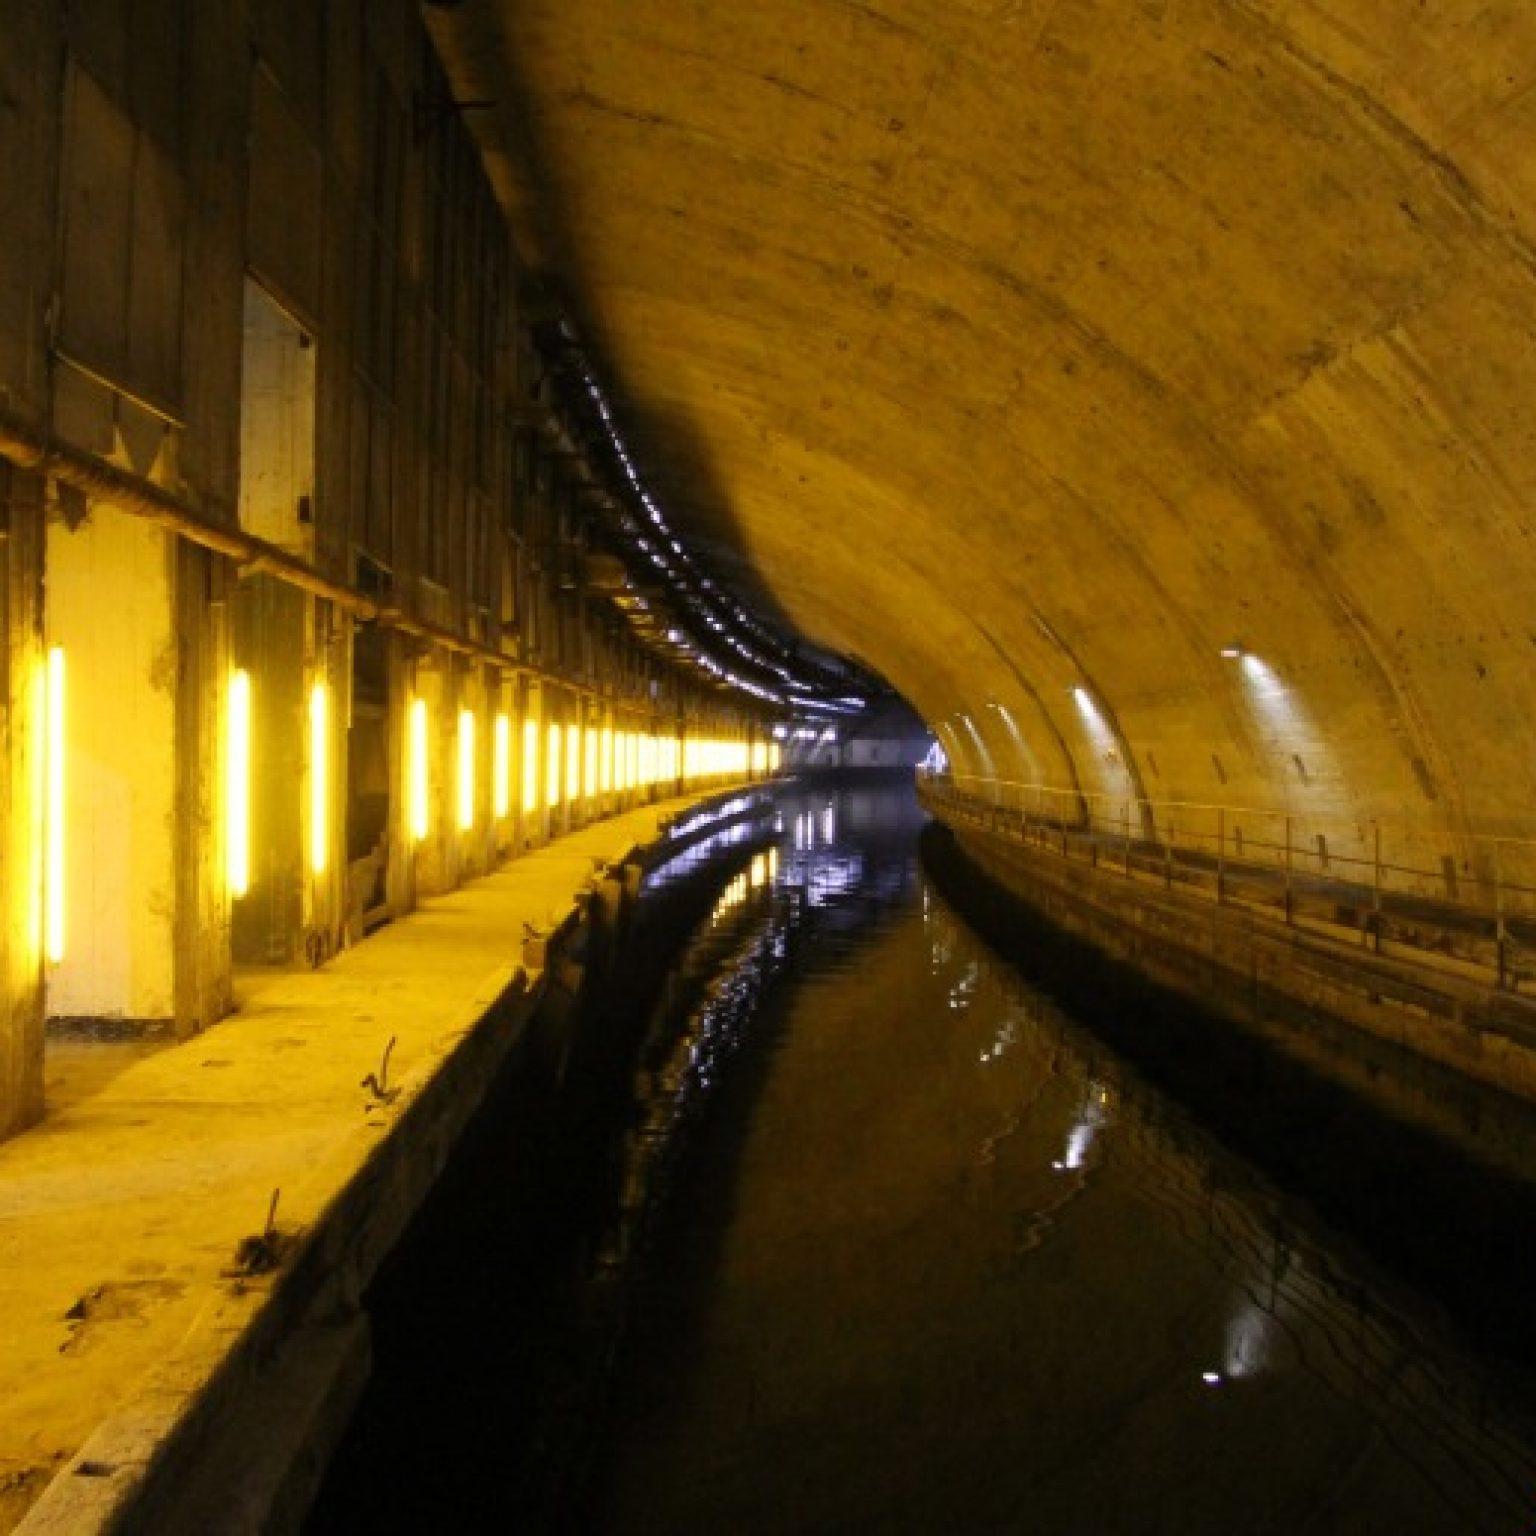 Достопримечательности Севастополя - Музей подводных лодок в Балаклаве (объект 825ГТС)